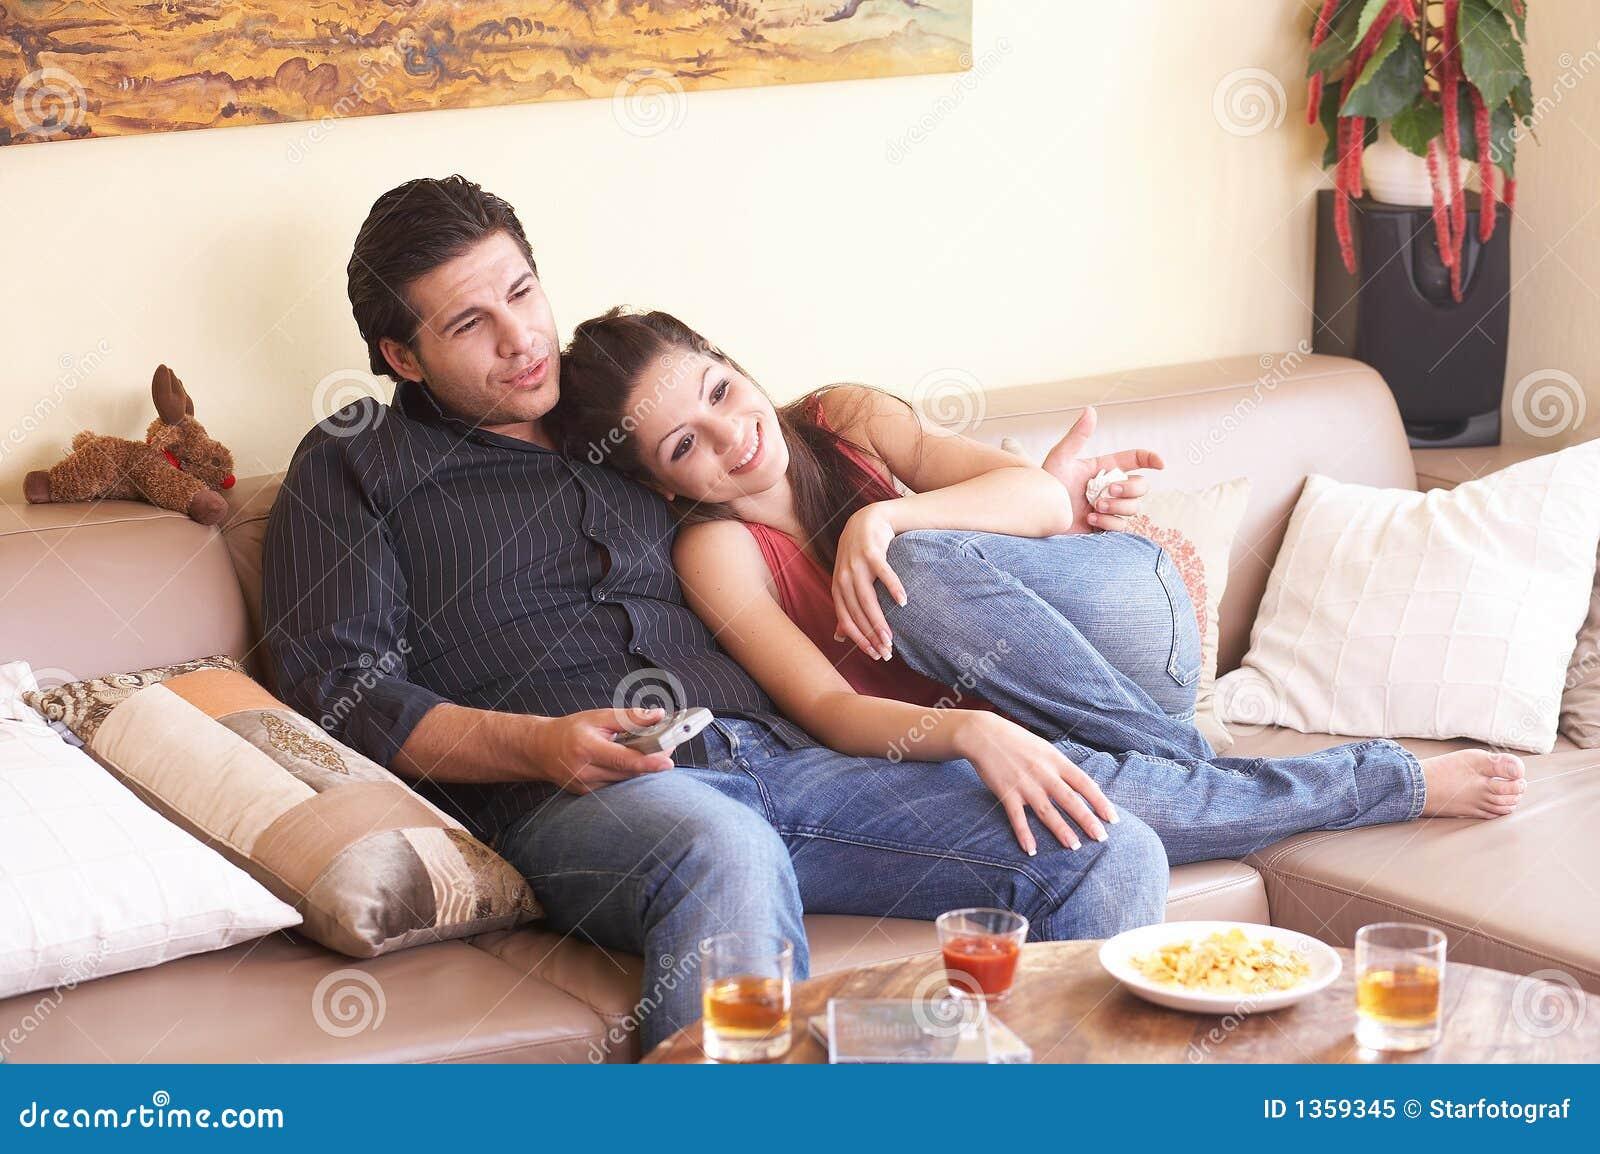 ГИГ порно подборка спермы видео смотреть HD порно.